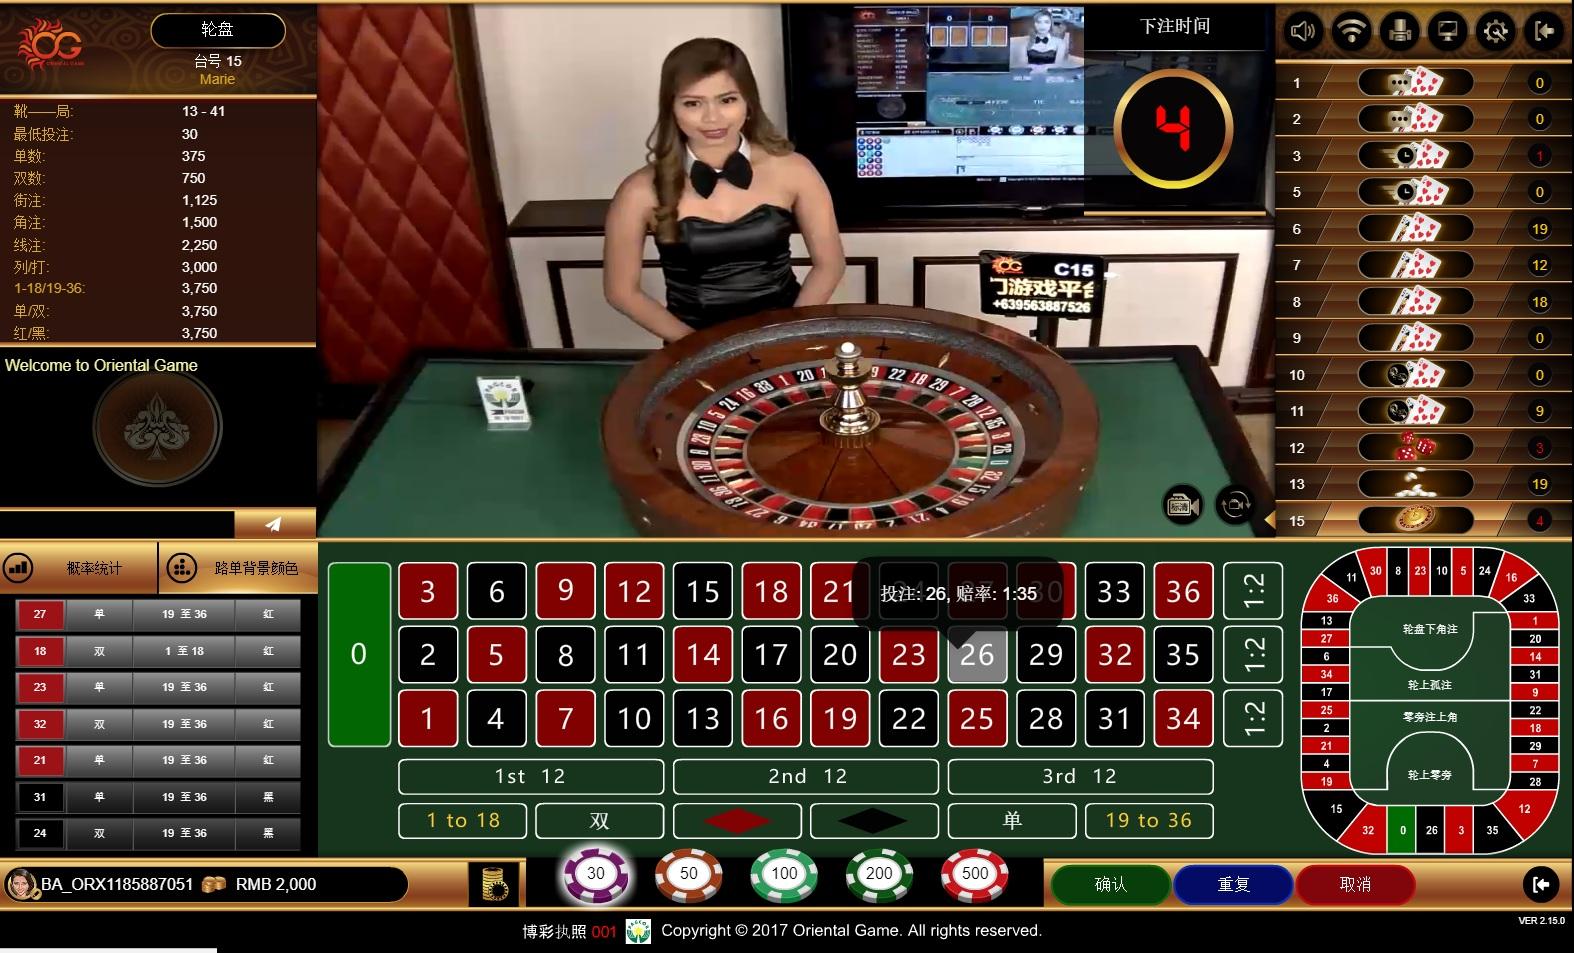 Download casino spiele rweb